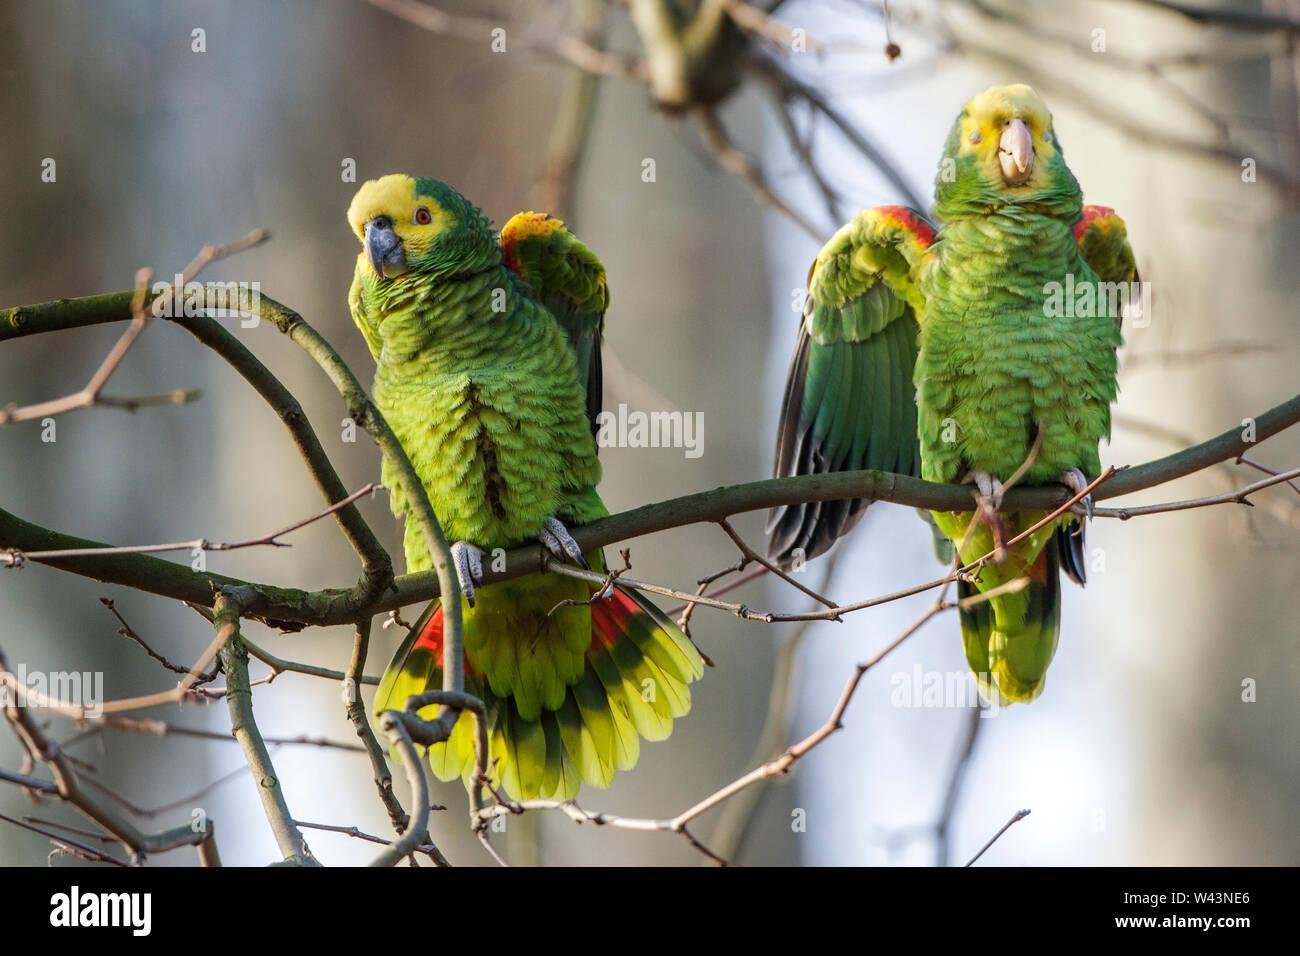 yellow-crowned amazon, yellow-crowned parrot, Gelbkopfamazonen (Amazona oratrix) Stock Photo